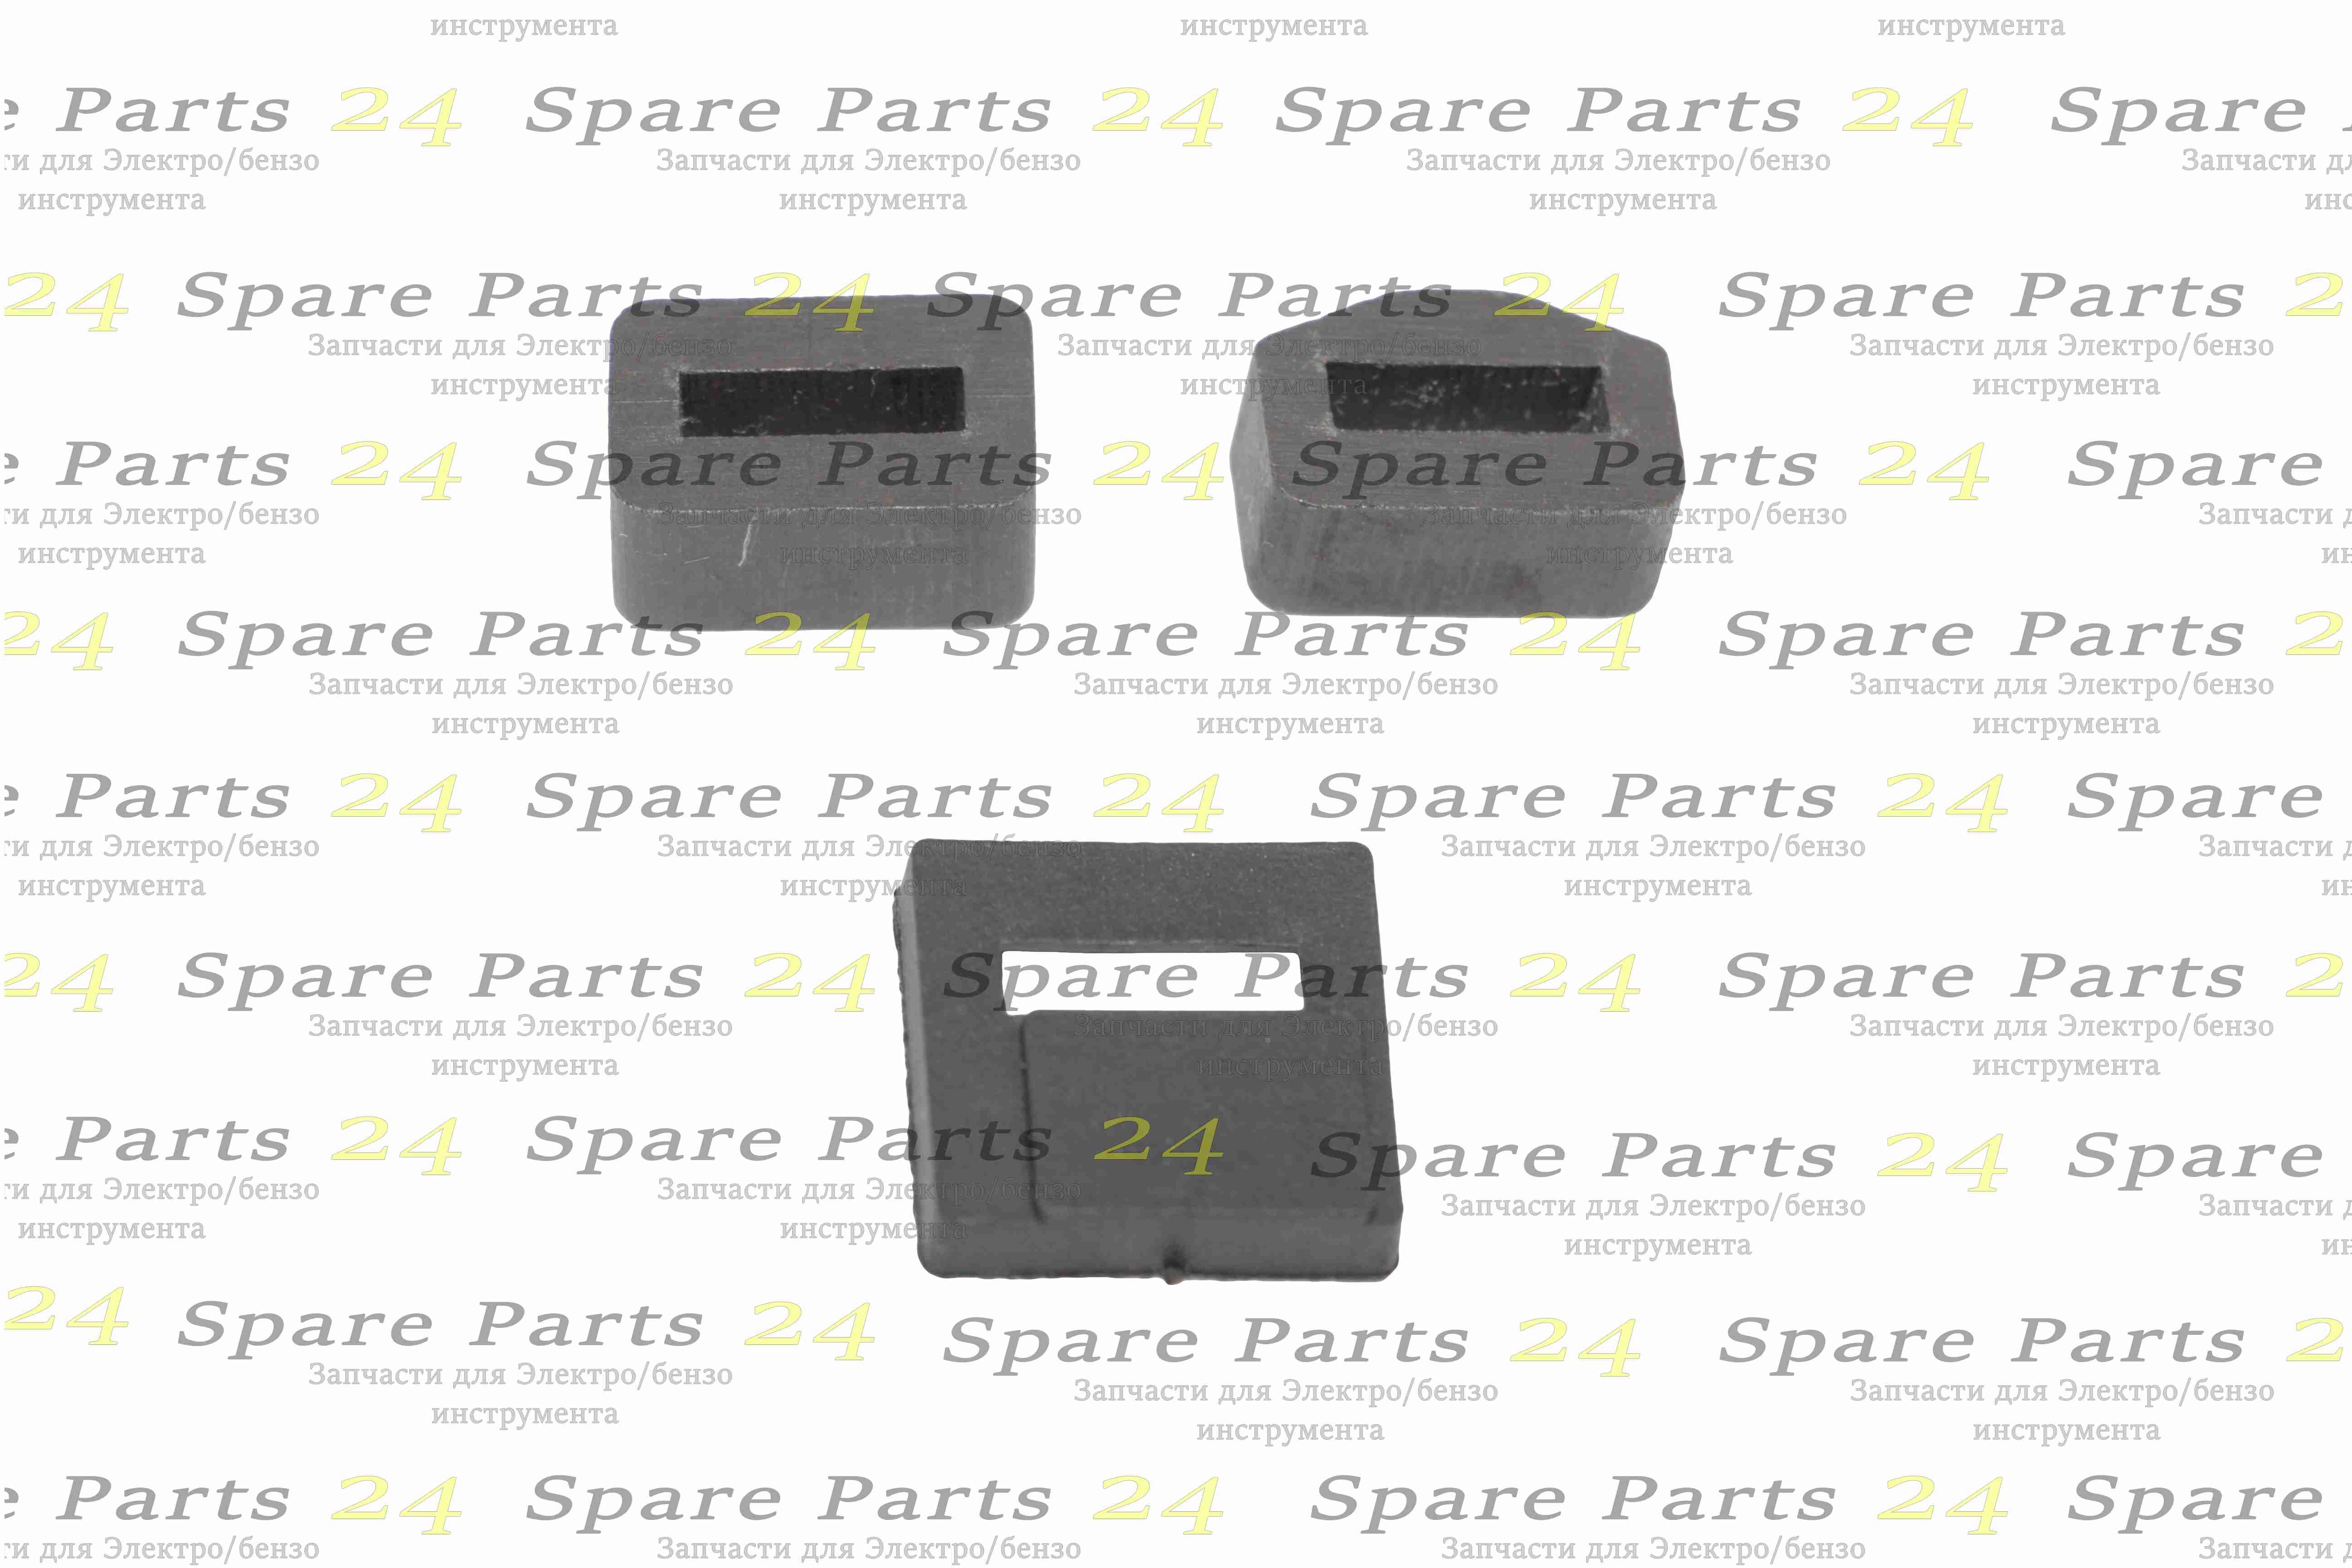 Запчасти на Фиолент / Ремкомплект Фиолент ПМ4-700Э,ПМ5- 720Э